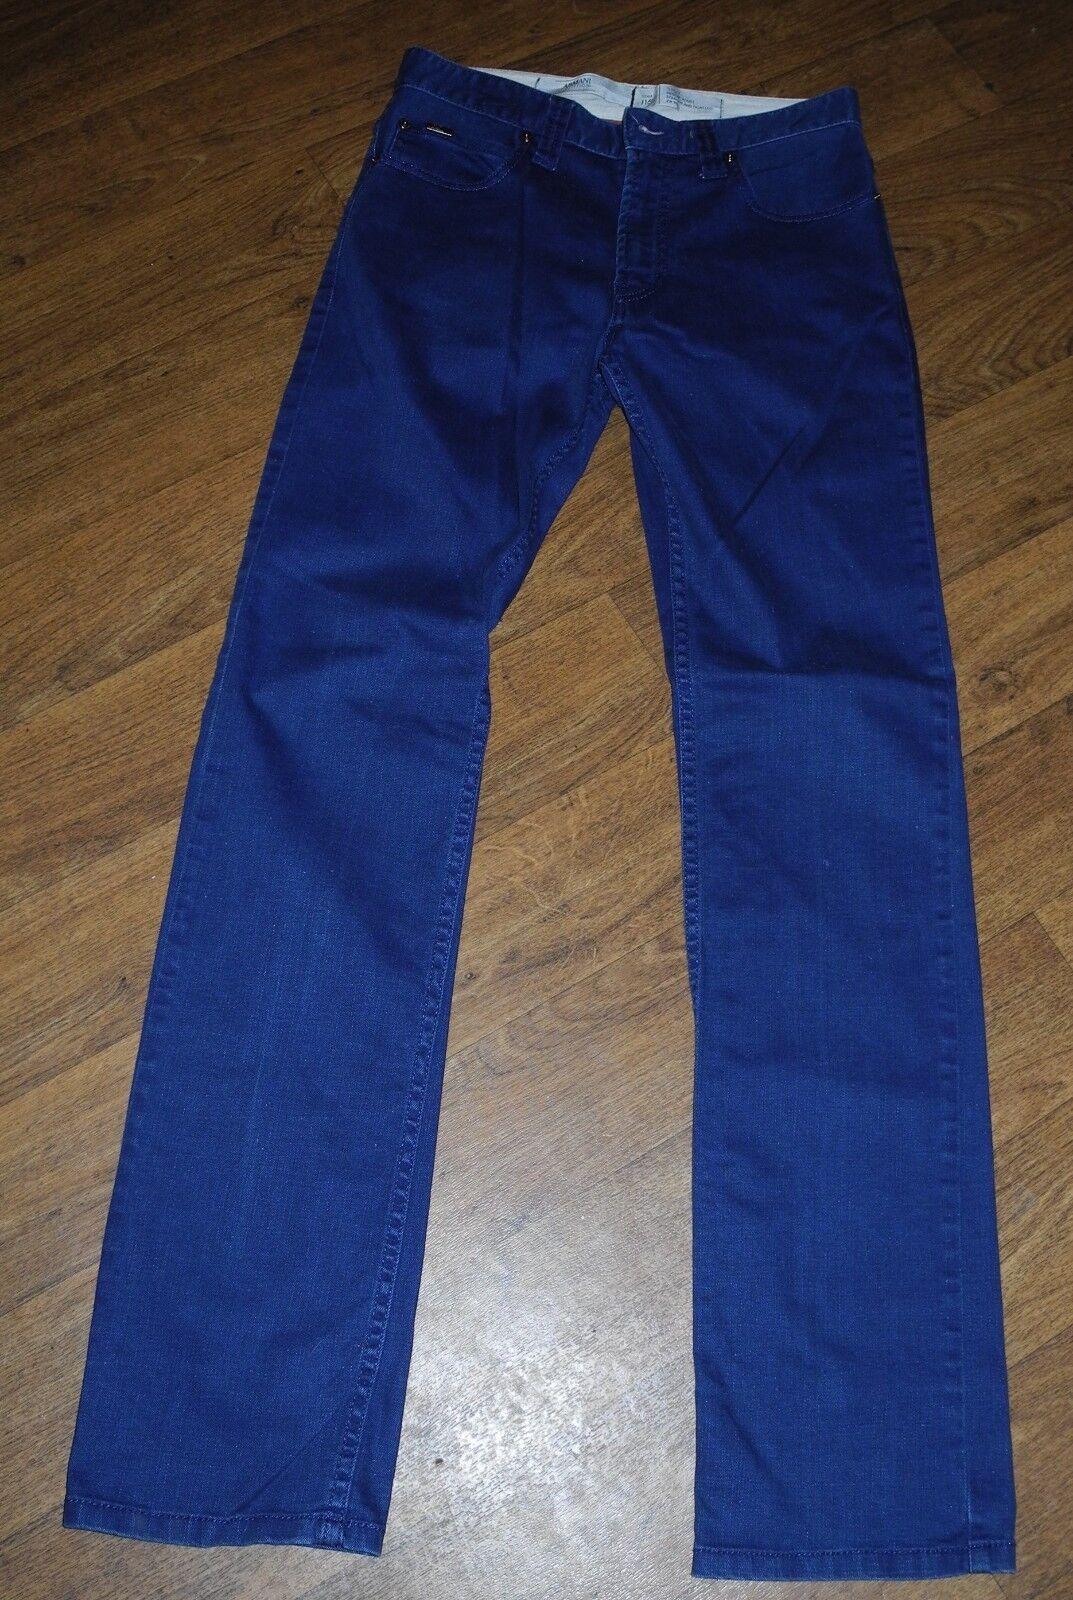 Authentic ARMANI COLLEZIONI J15 Slim Fit Straight Leg Men's bluee Jeans Sz 30X33